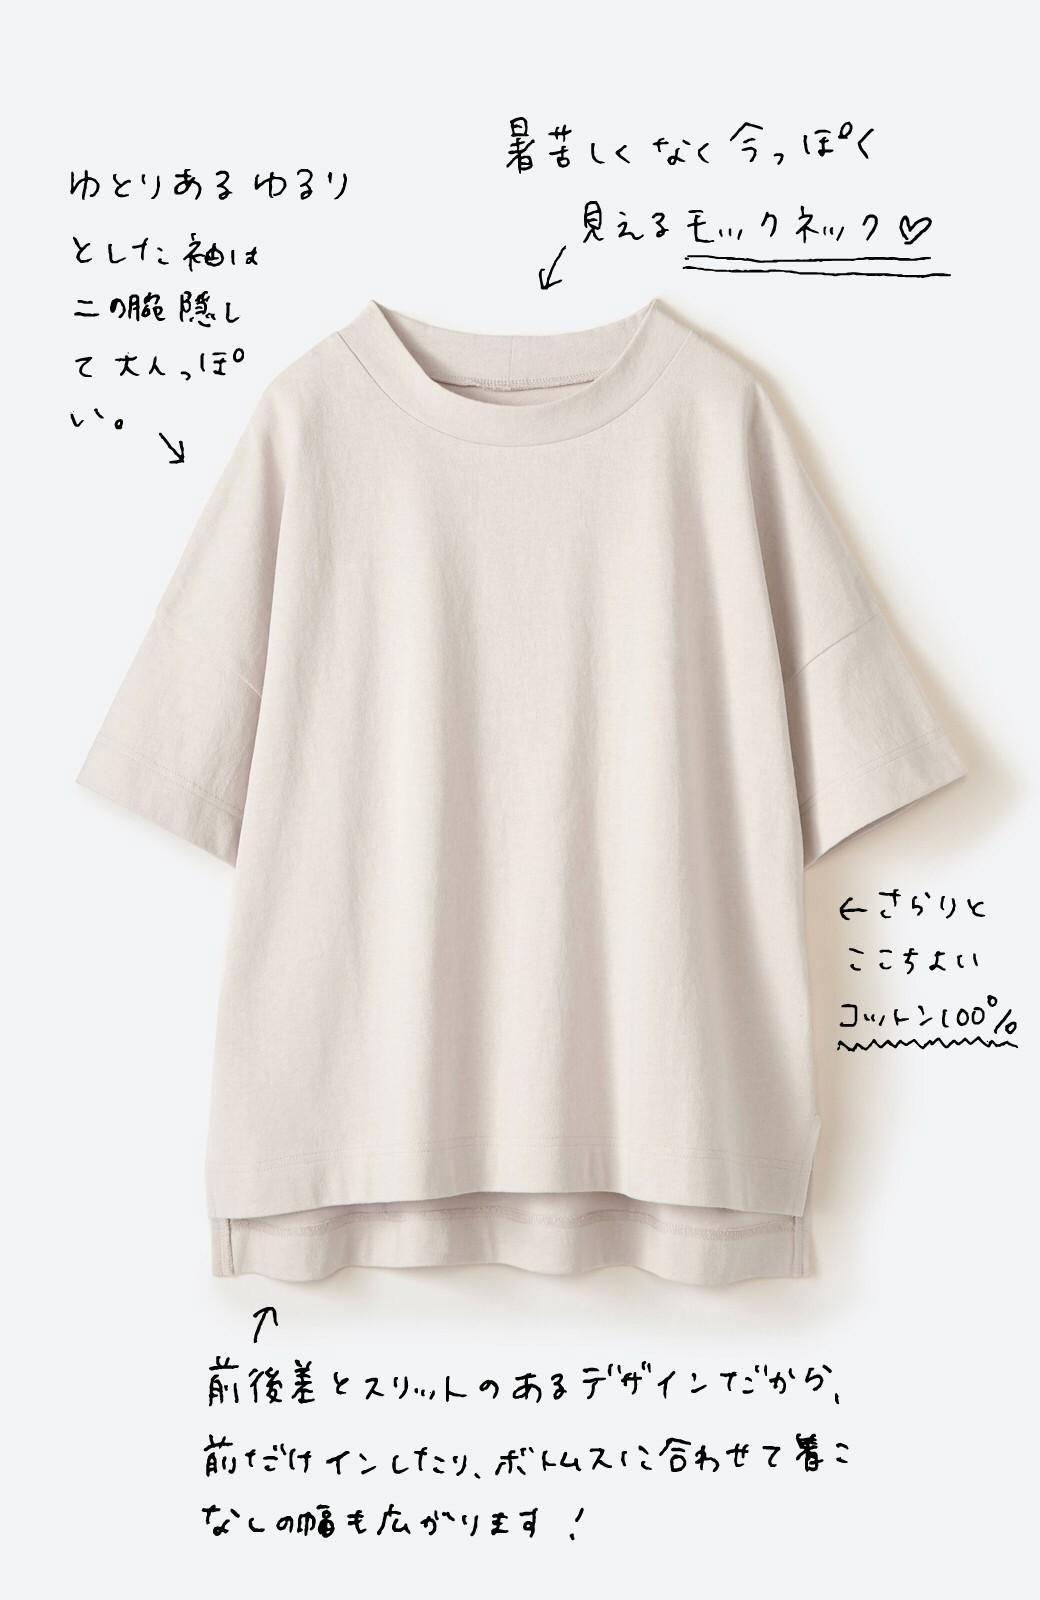 haco! じゃぶじゃぶ洗えて毎日づかいに便利!コーデに迷わず便利なモックネックTシャツ <ベージュ>の商品写真2